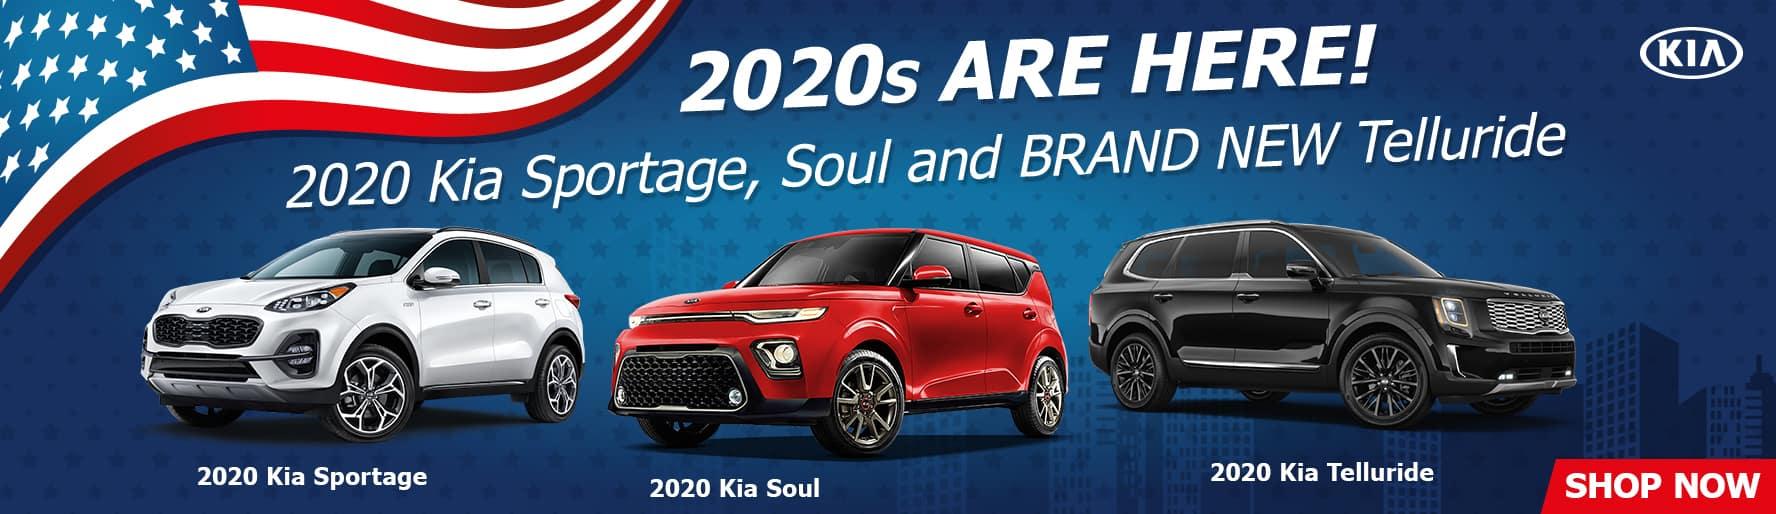 2020-Kia-Sportage-Soul-Telluride